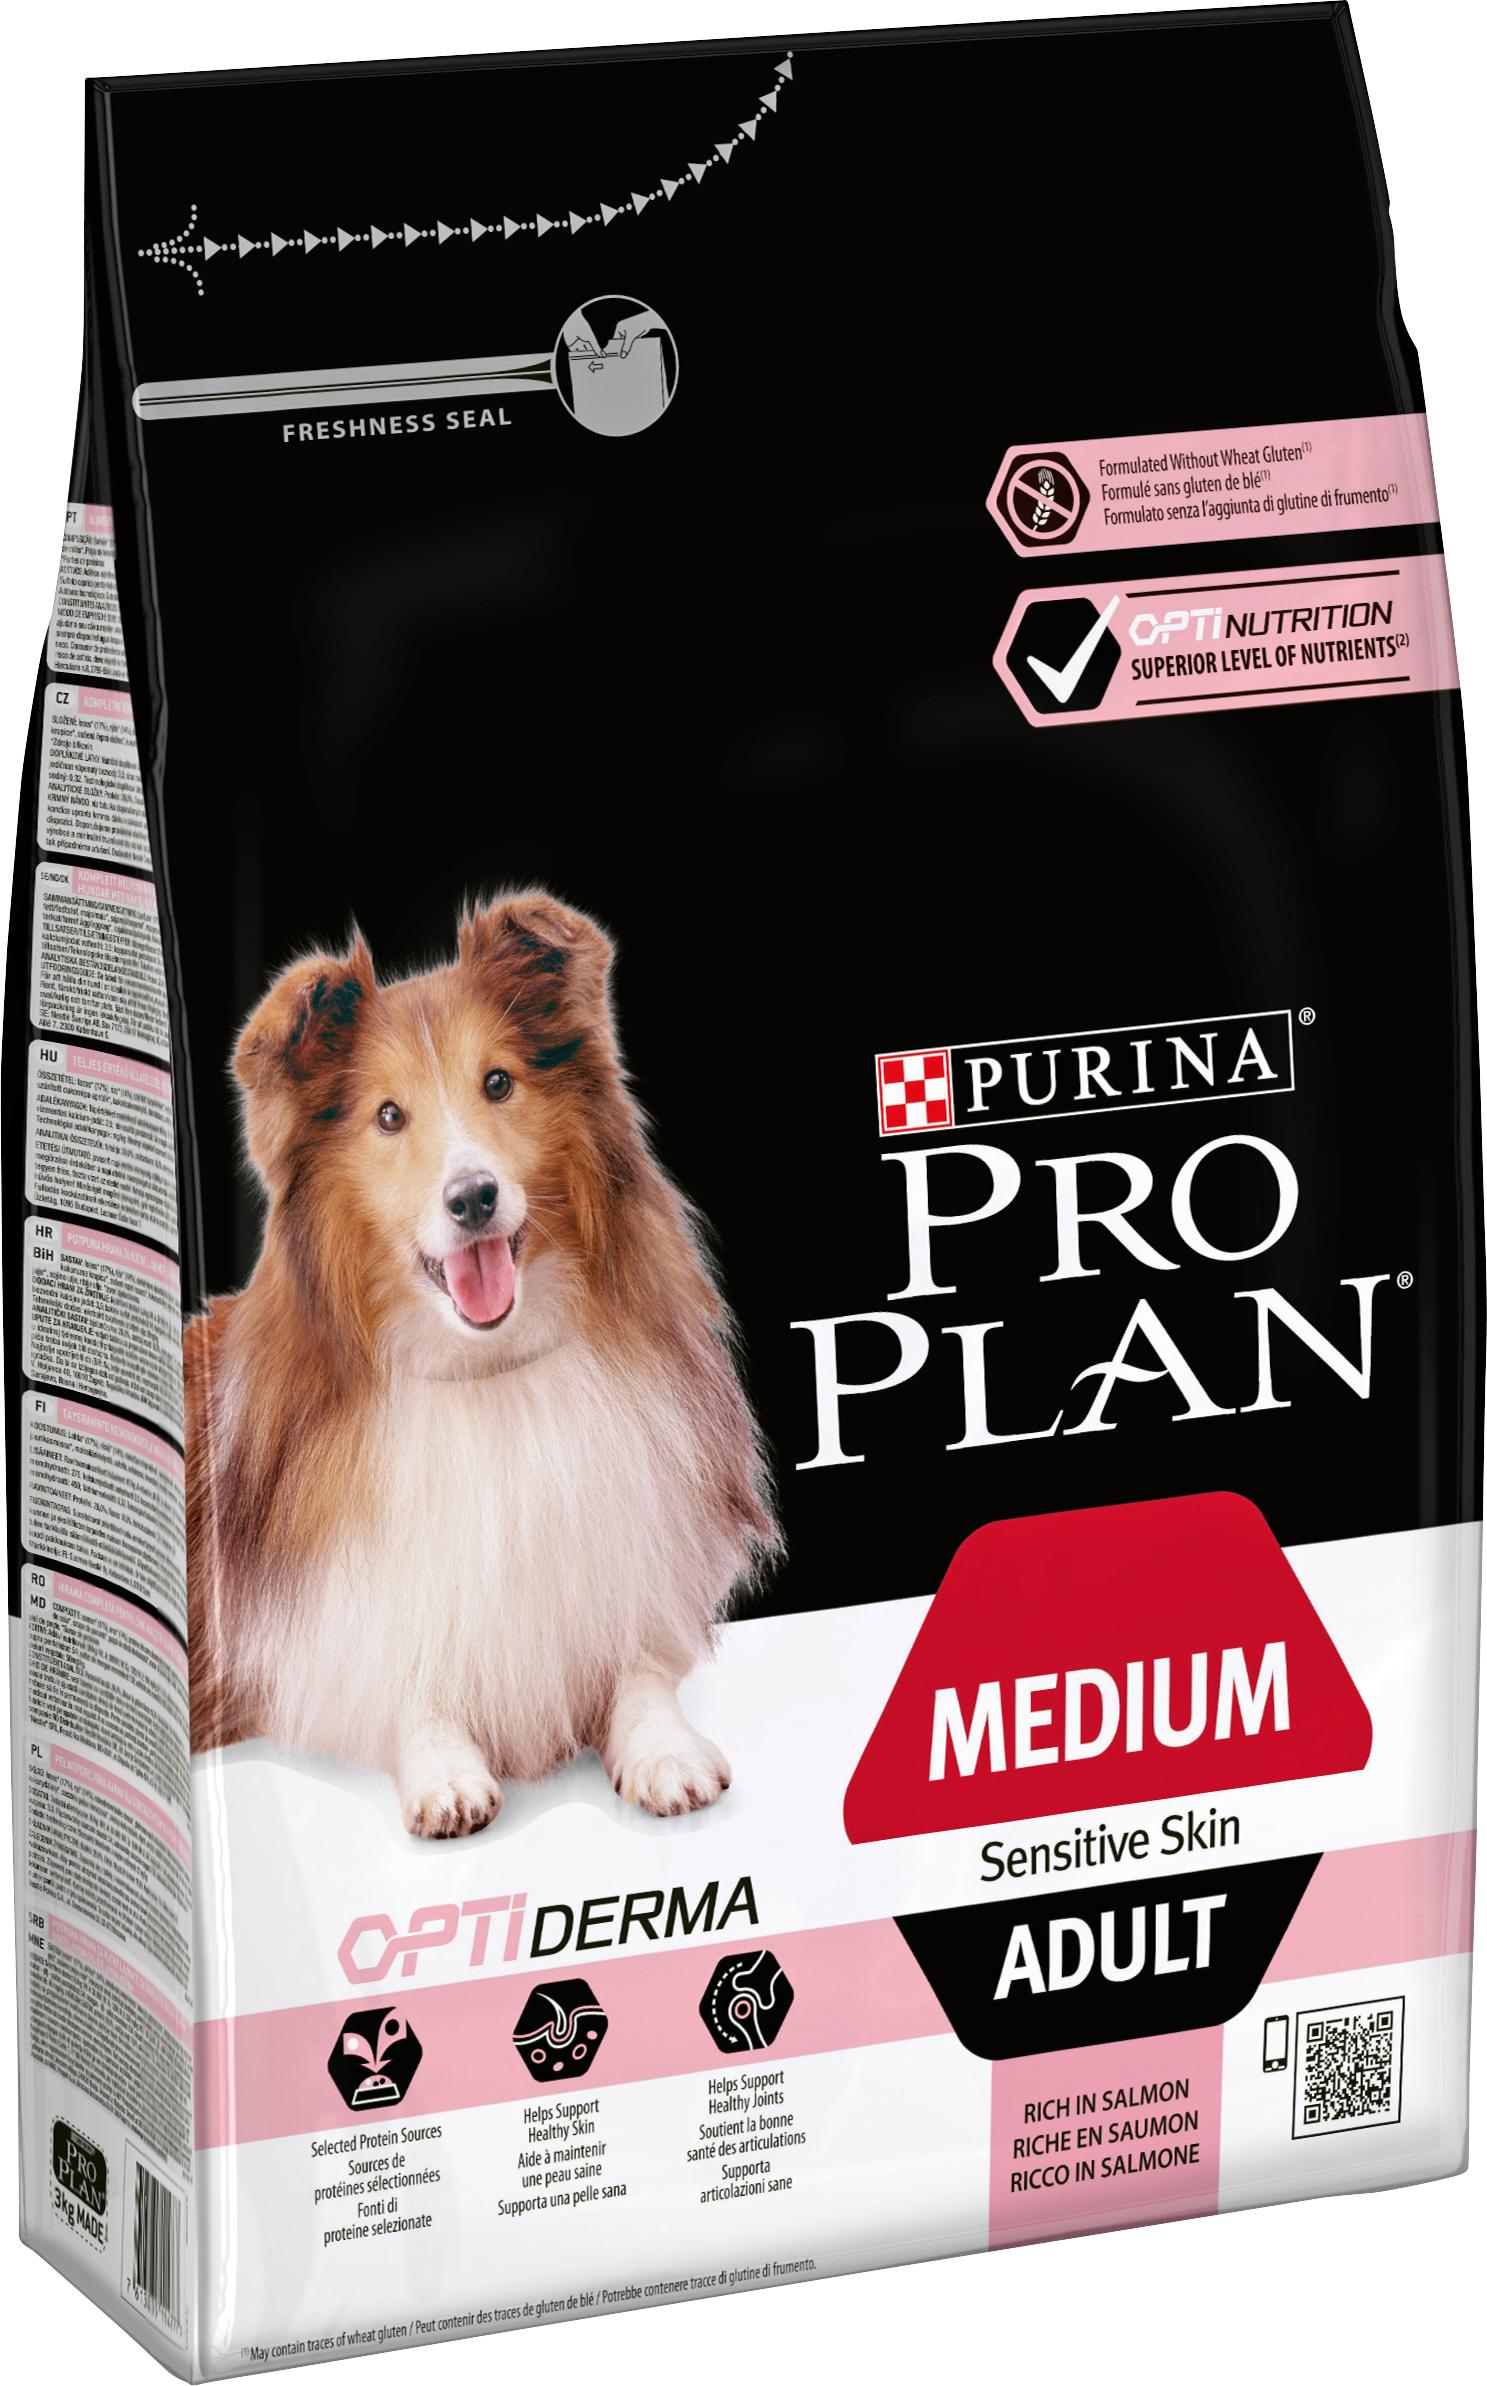 Hundfoder Pro Plan Medium Adult Sensitive Skin, 3 kg